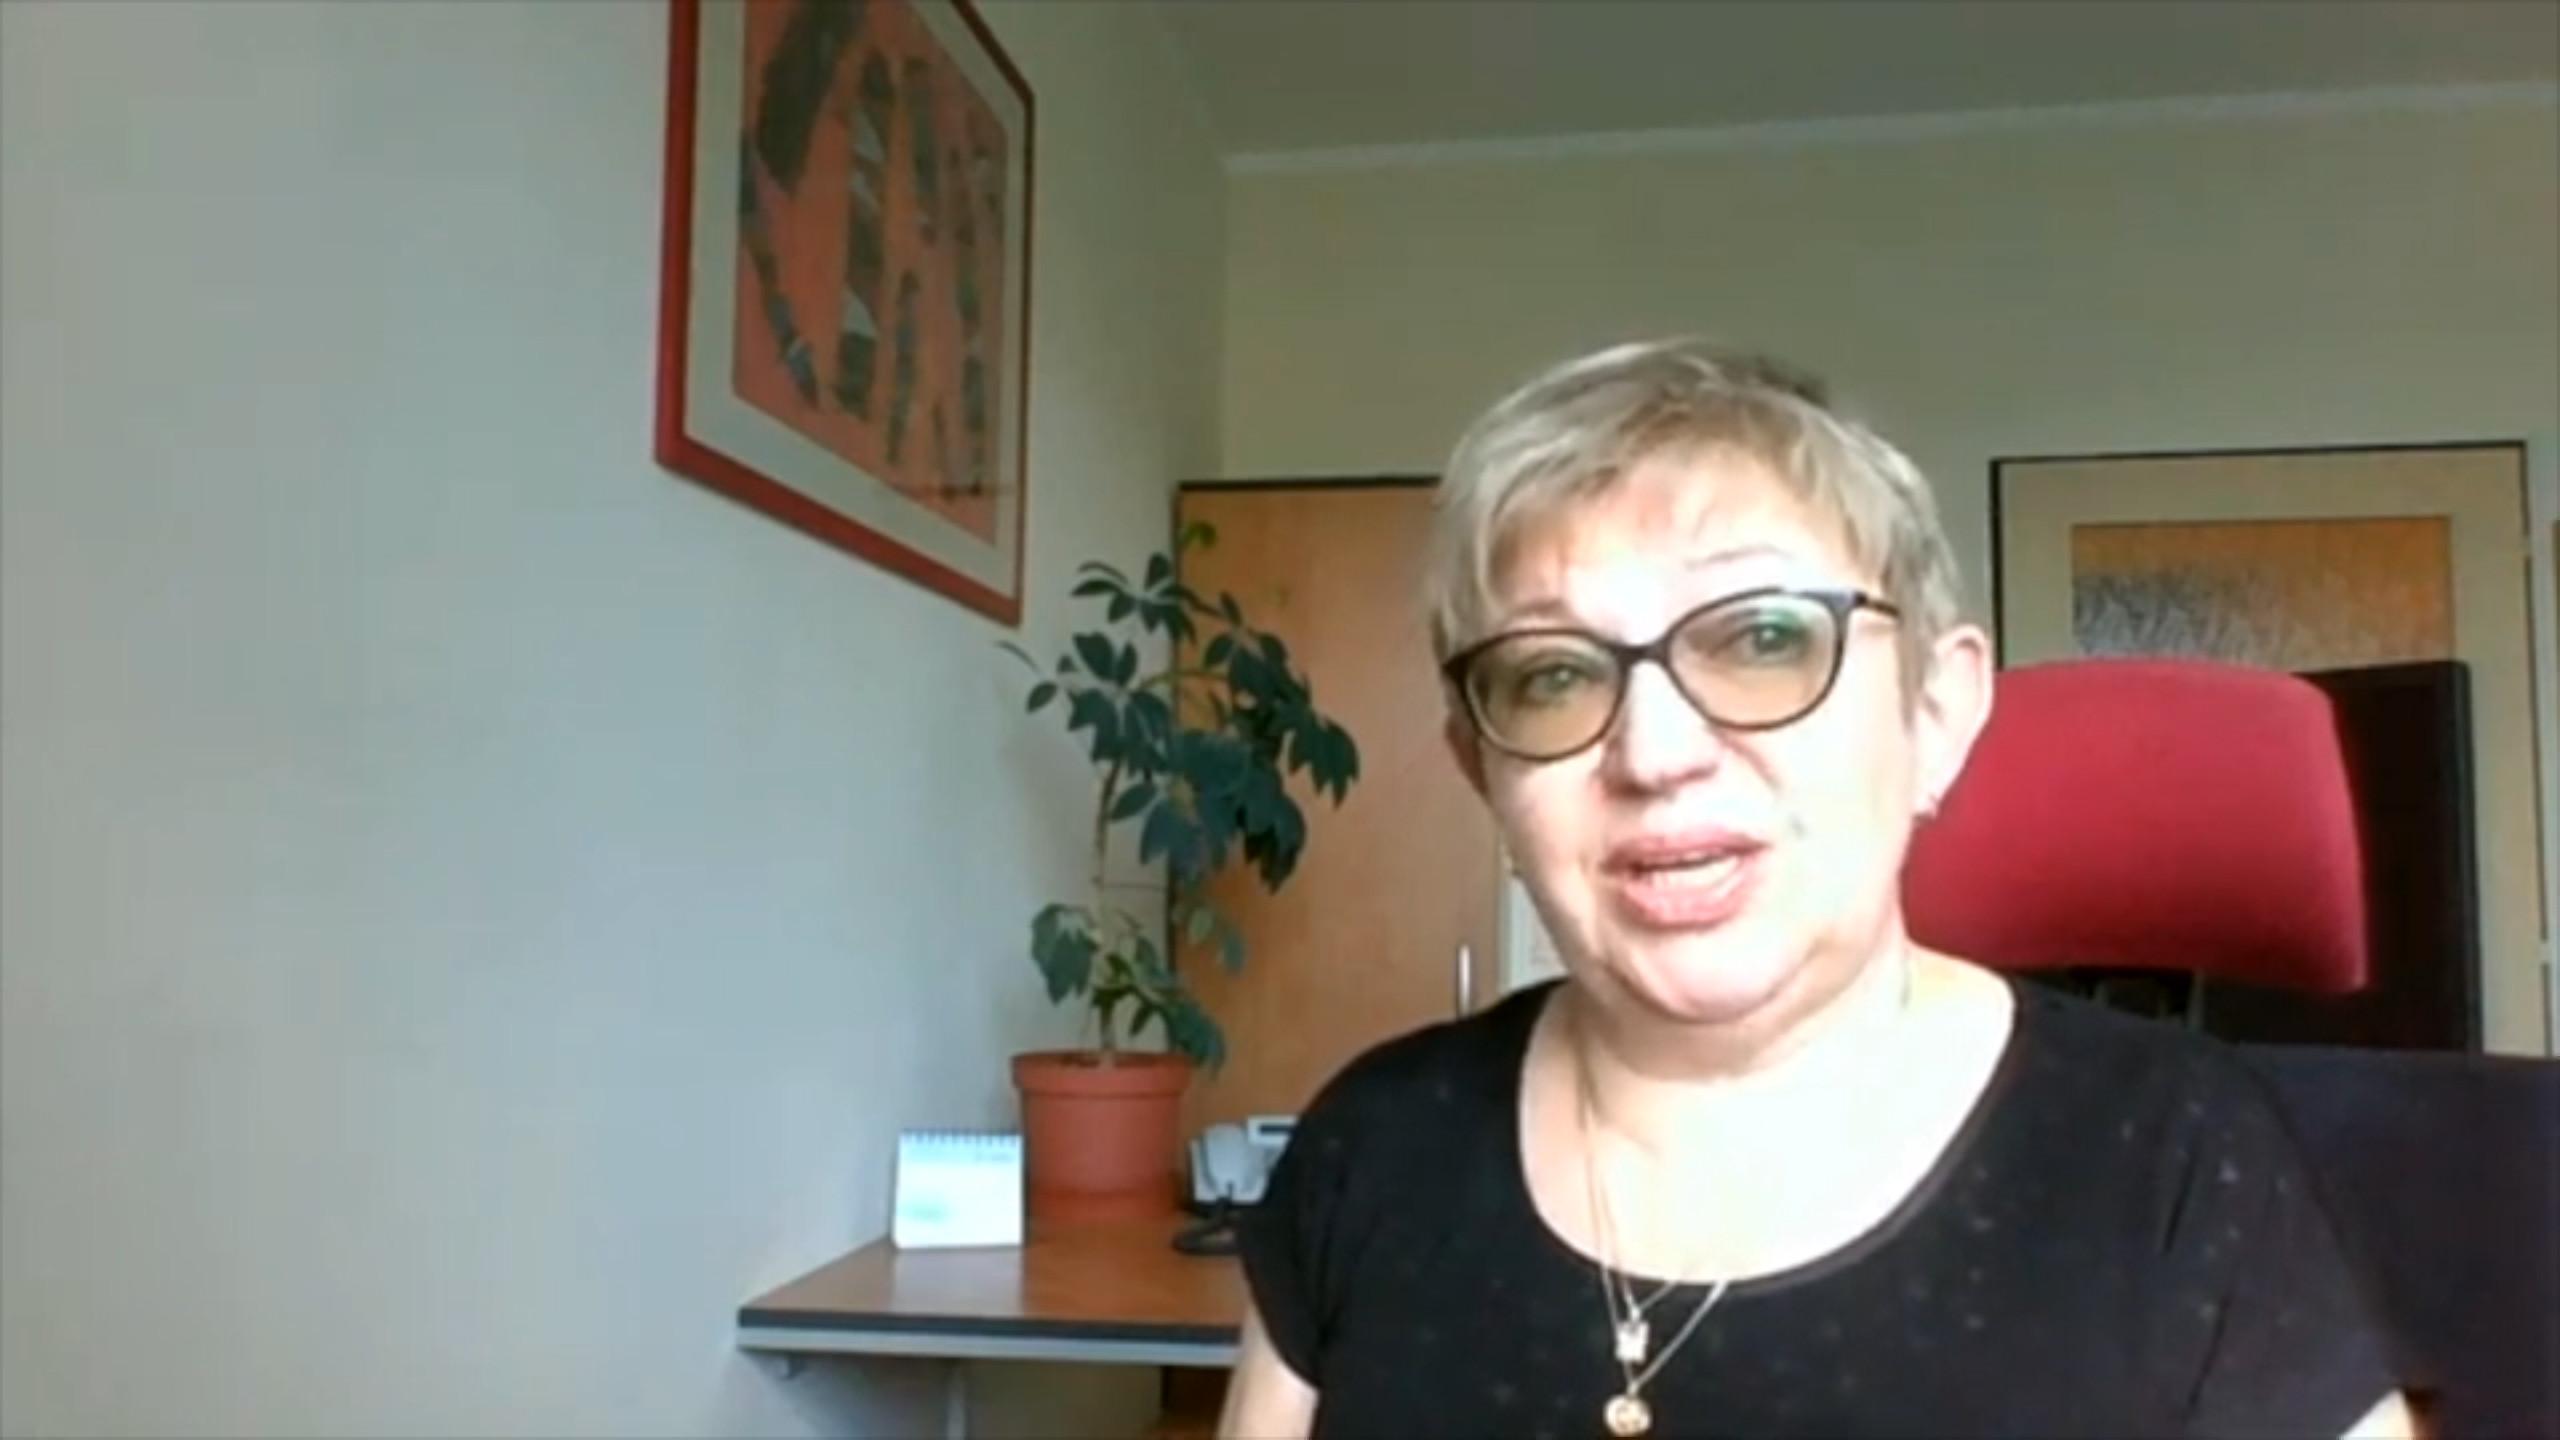 jaderná energie - 65 let: Larisa Dubská – Ženy umějí lépe komunikovat s laickou veřejností v technických otázkách - V Česku (Dubská) 3